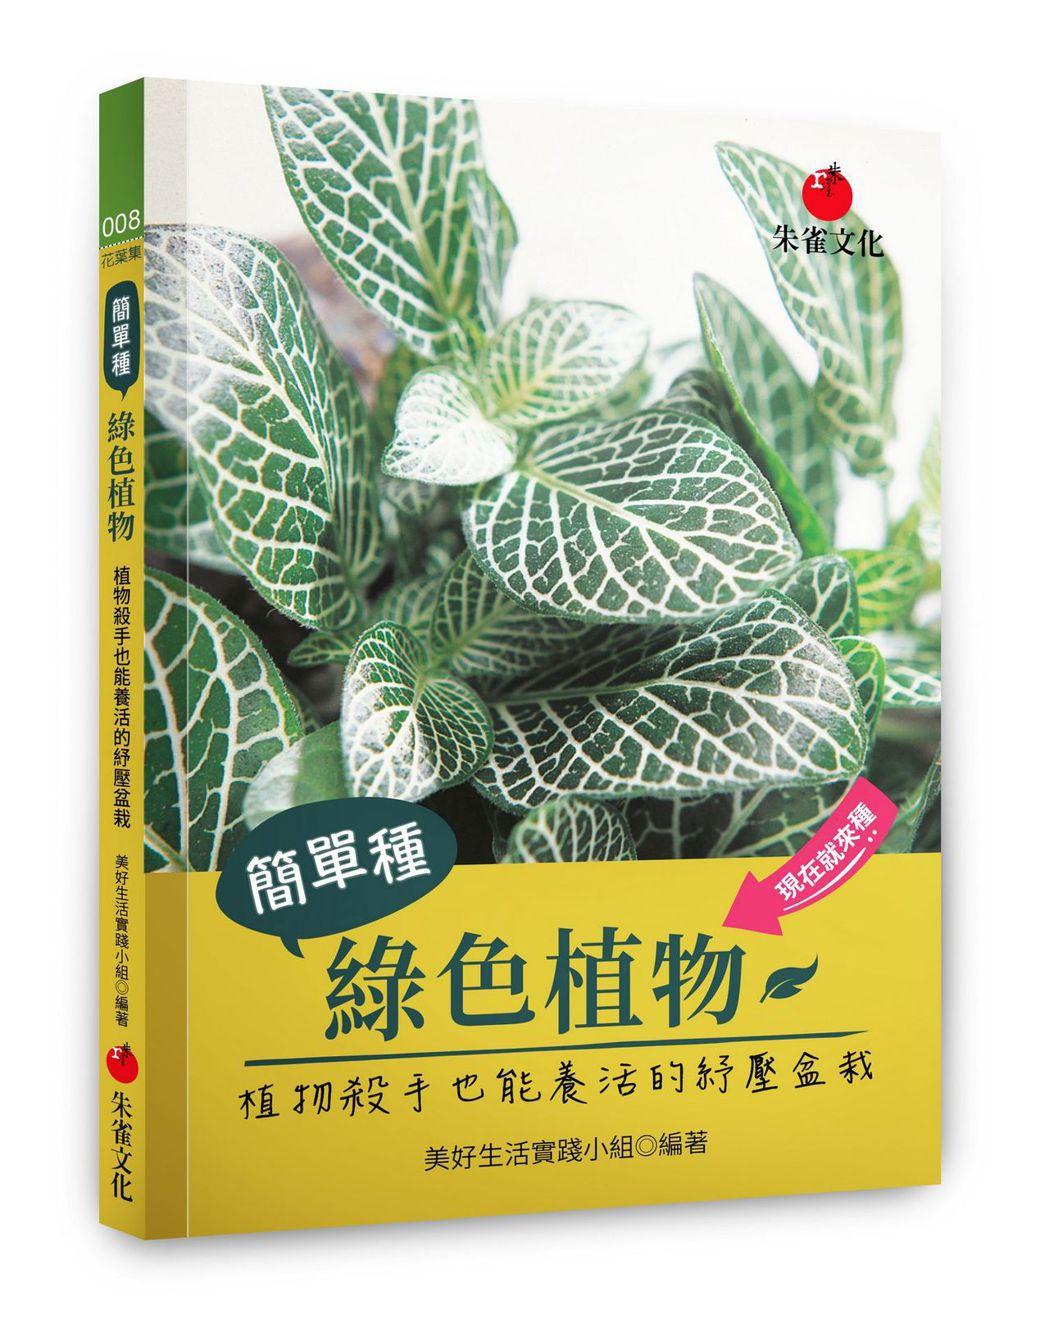 書名/《簡單種綠色植物》、作者/美好生活實踐小組、圖/朱雀文化提供